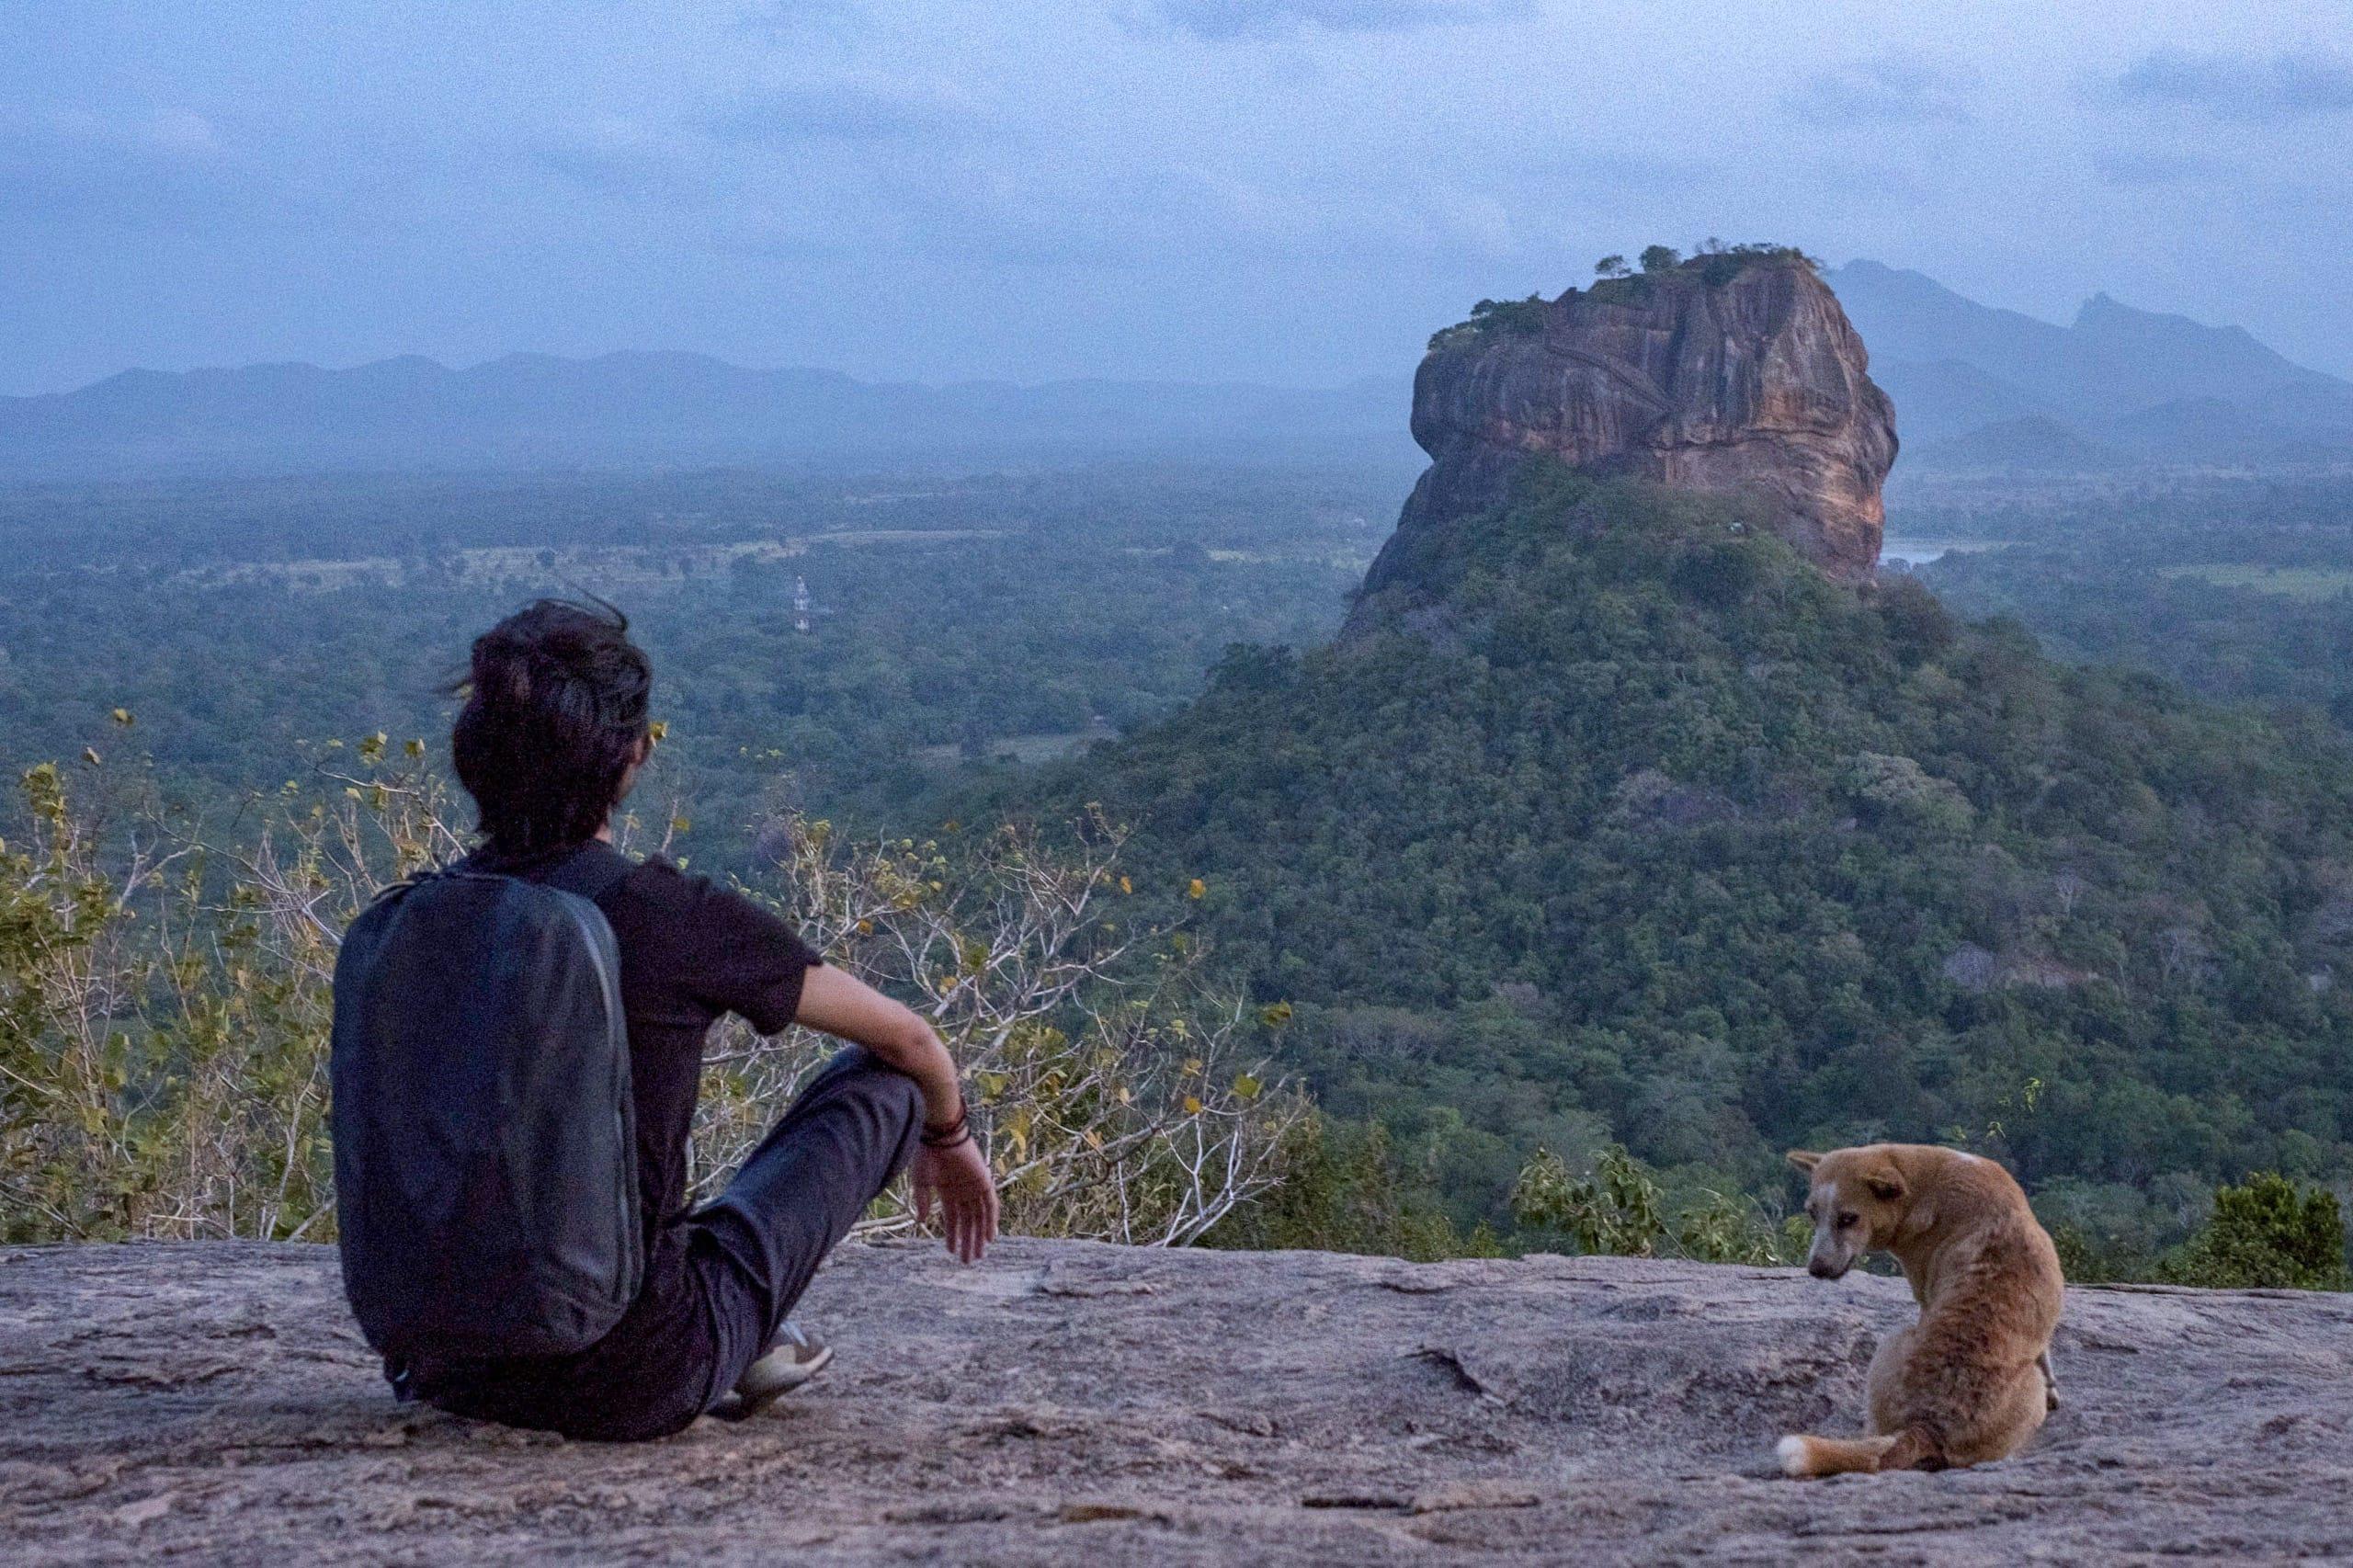 インドのオーバーステイを乗り越え、観光とアーユルヴェーダを堪能する【スリランカ旅行記】#旅とFUJI